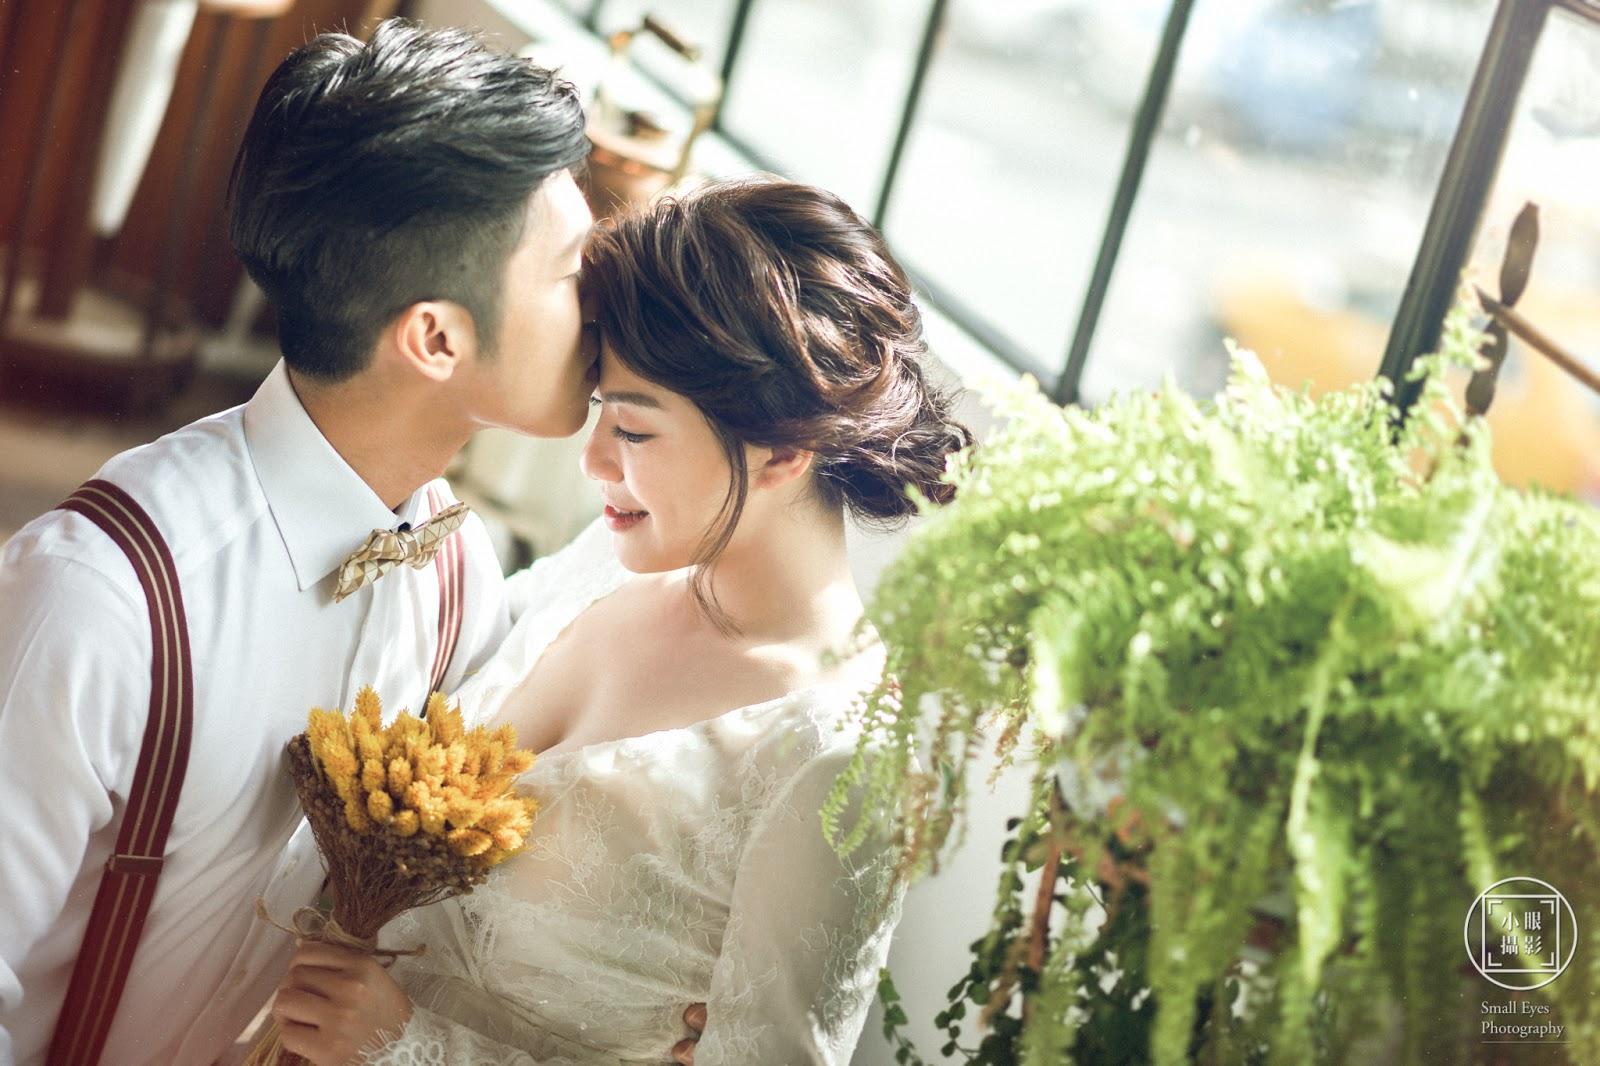 婚攝,小眼攝影,婚禮紀實,婚禮紀錄,婚紗,國內婚紗,海外婚紗,寫真,婚攝小眼,人像寫真,自主婚紗,自助婚紗,萬鏡寫真館,全家福